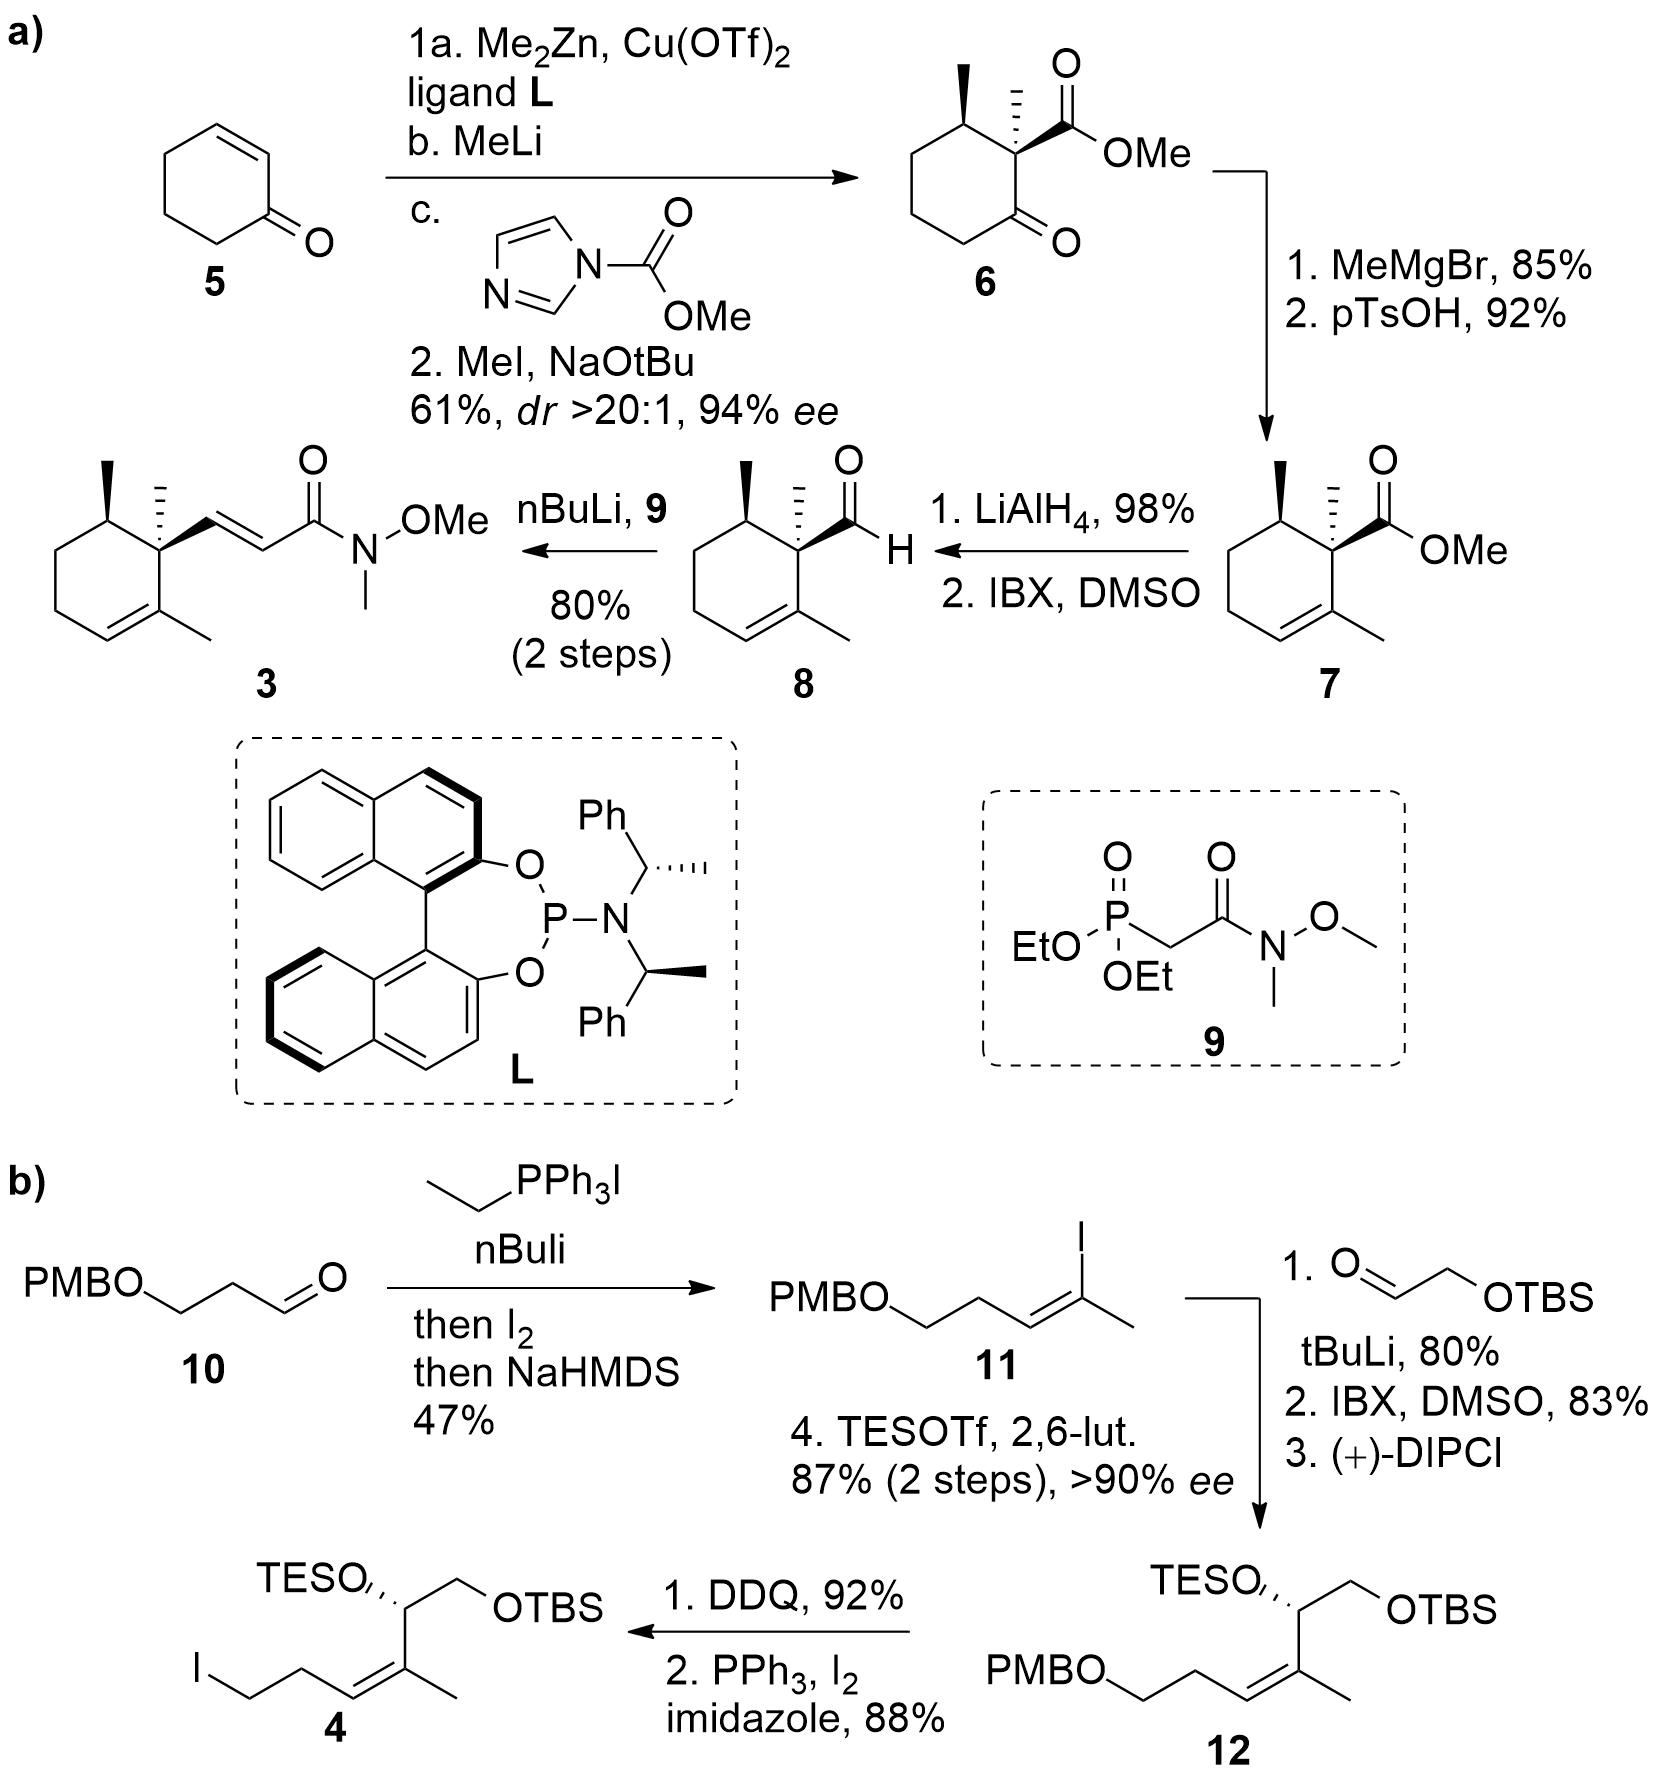 halioxepine-2.png